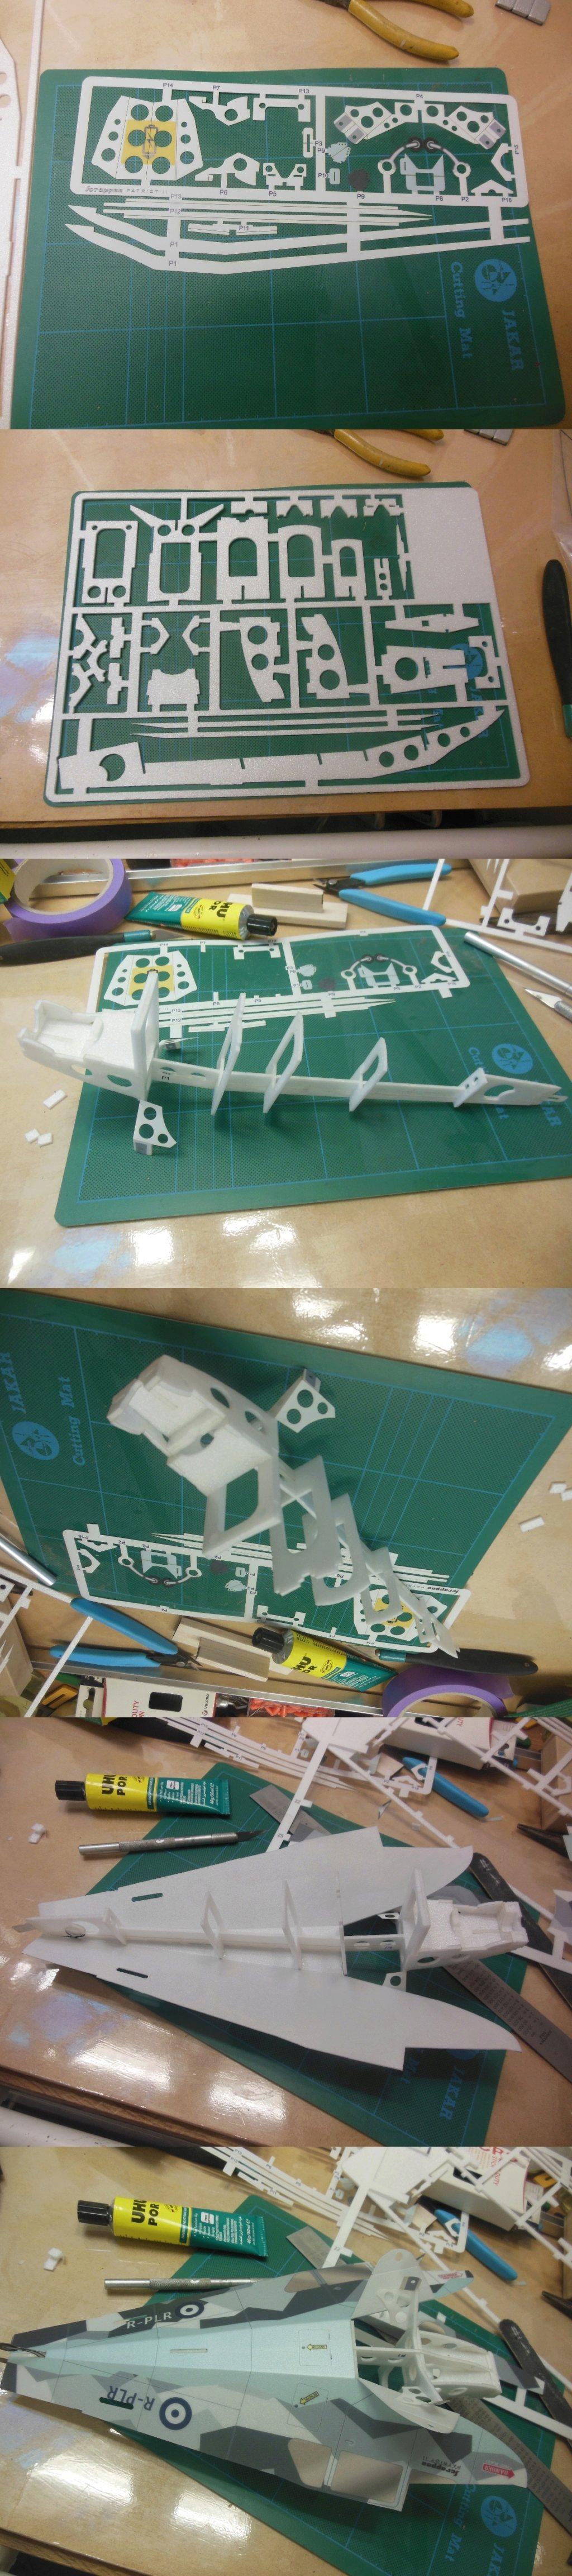 Microaces Scrappy Patriot II Scrapp10